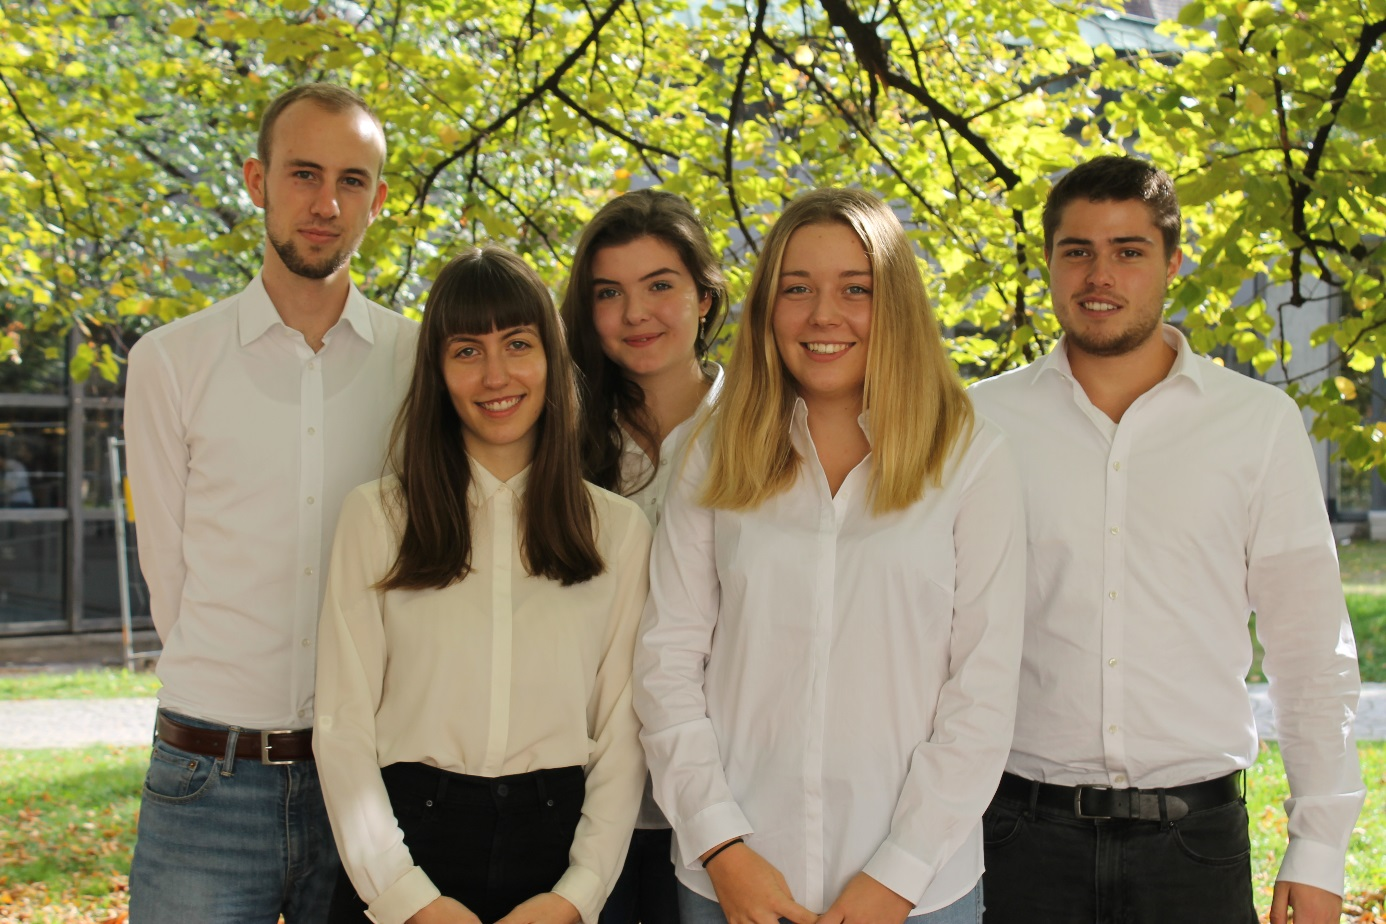 Das Freiburger Jessup Moot Court Team 2017/18: (von links nach rechts) Konstantin Sinn, Annika Härle, Victoria Kautzner, Franka Trenz und Daniel Feuerstack.